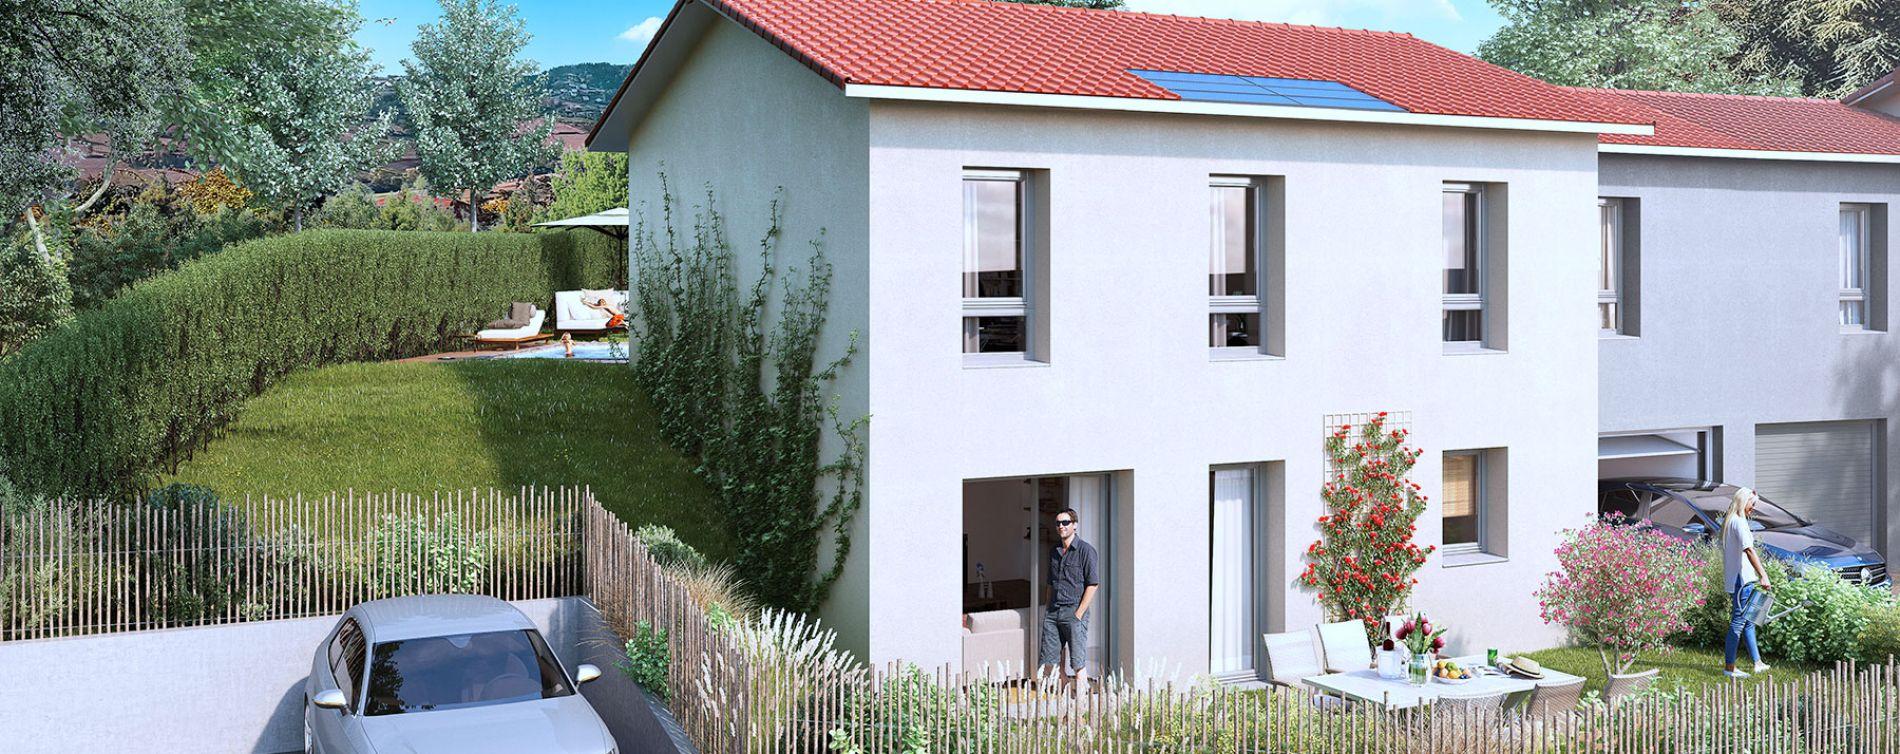 Résidence Les Terrasses de la Maletière à Vaugneray